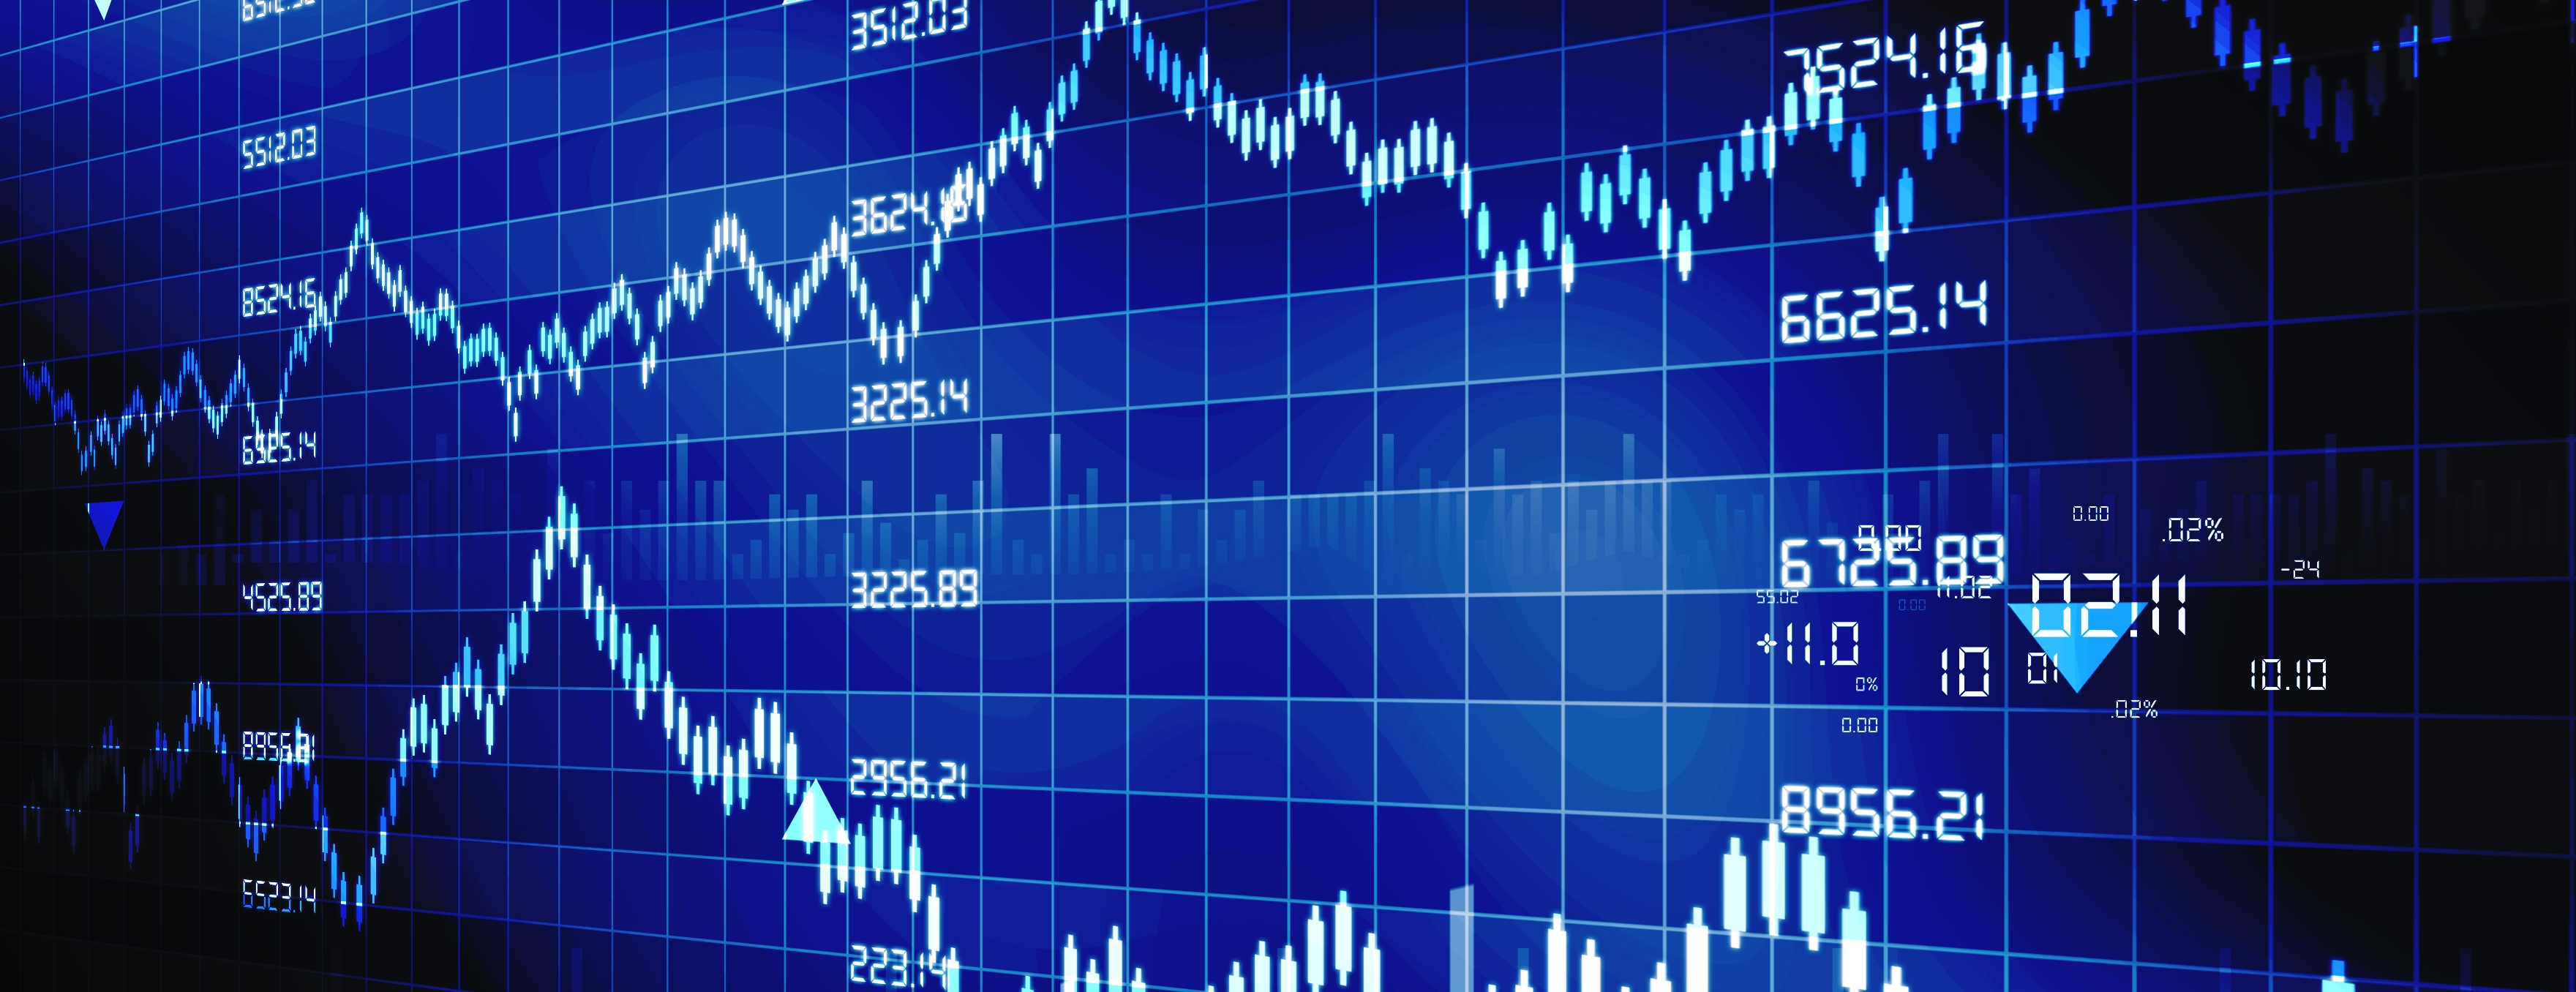 Отзывы о брокерах на рынке форекс сигналы форекс отложенные ордера